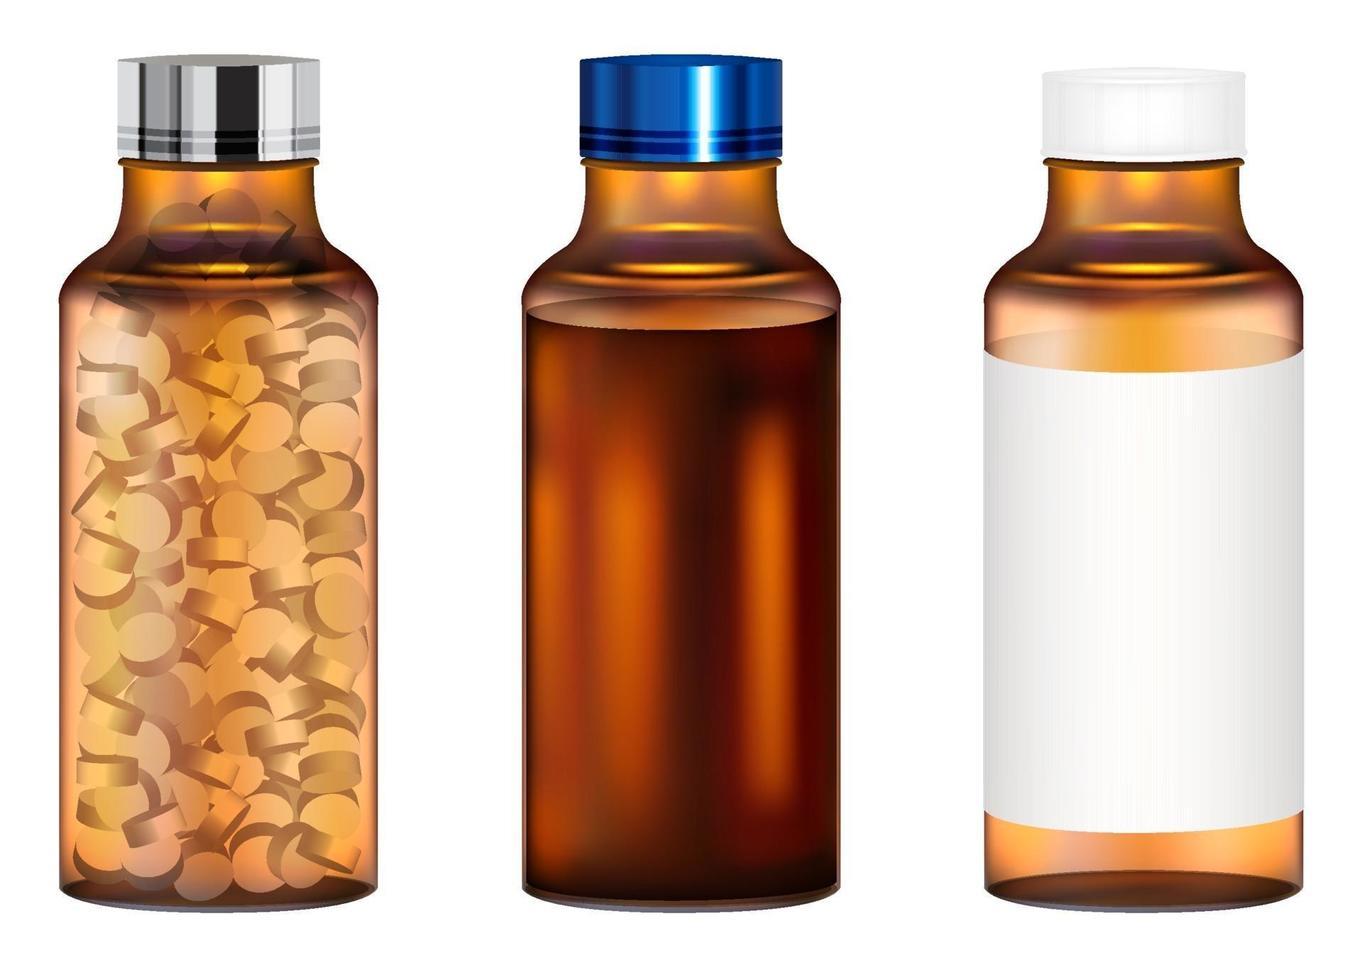 bottiglia di pillole medicinali in vero vetro ambrato vettore